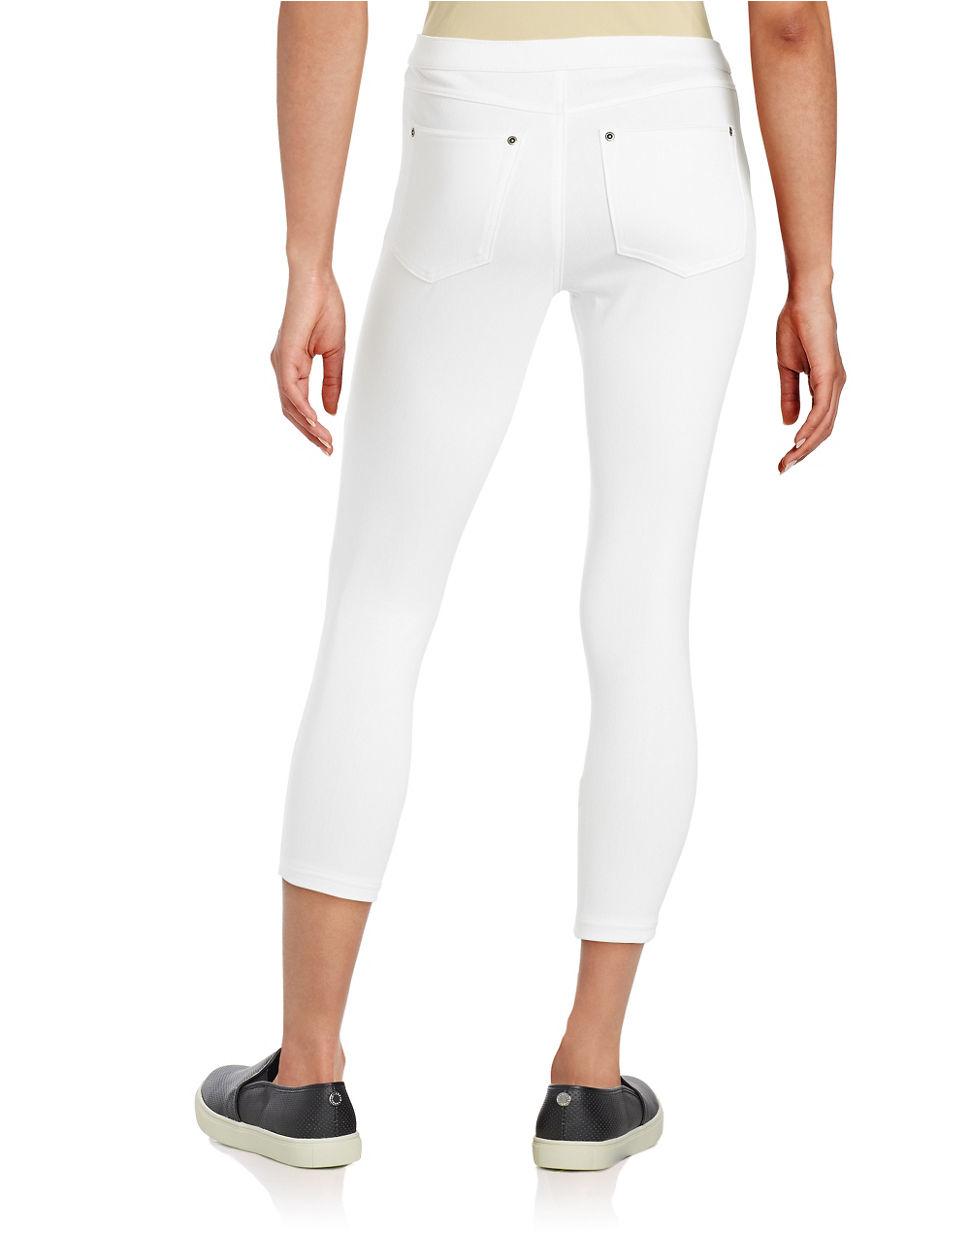 73c68b0e78c6a Hue Super Smooth Denim Capri Leggings in White - Lyst